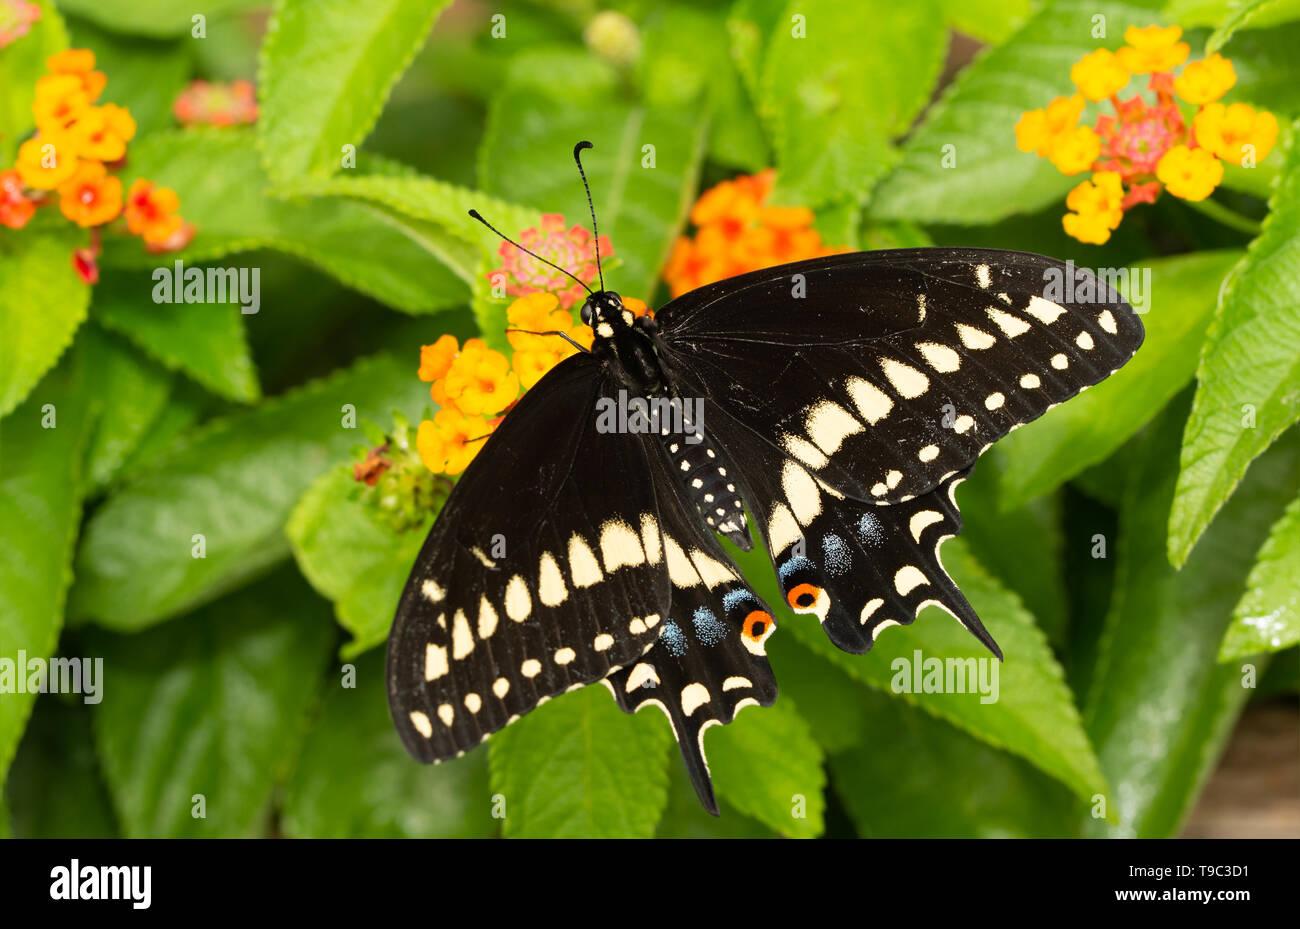 Male Eastern Black Swallowtail butterfly feeding on Lantana flowers - Stock Image